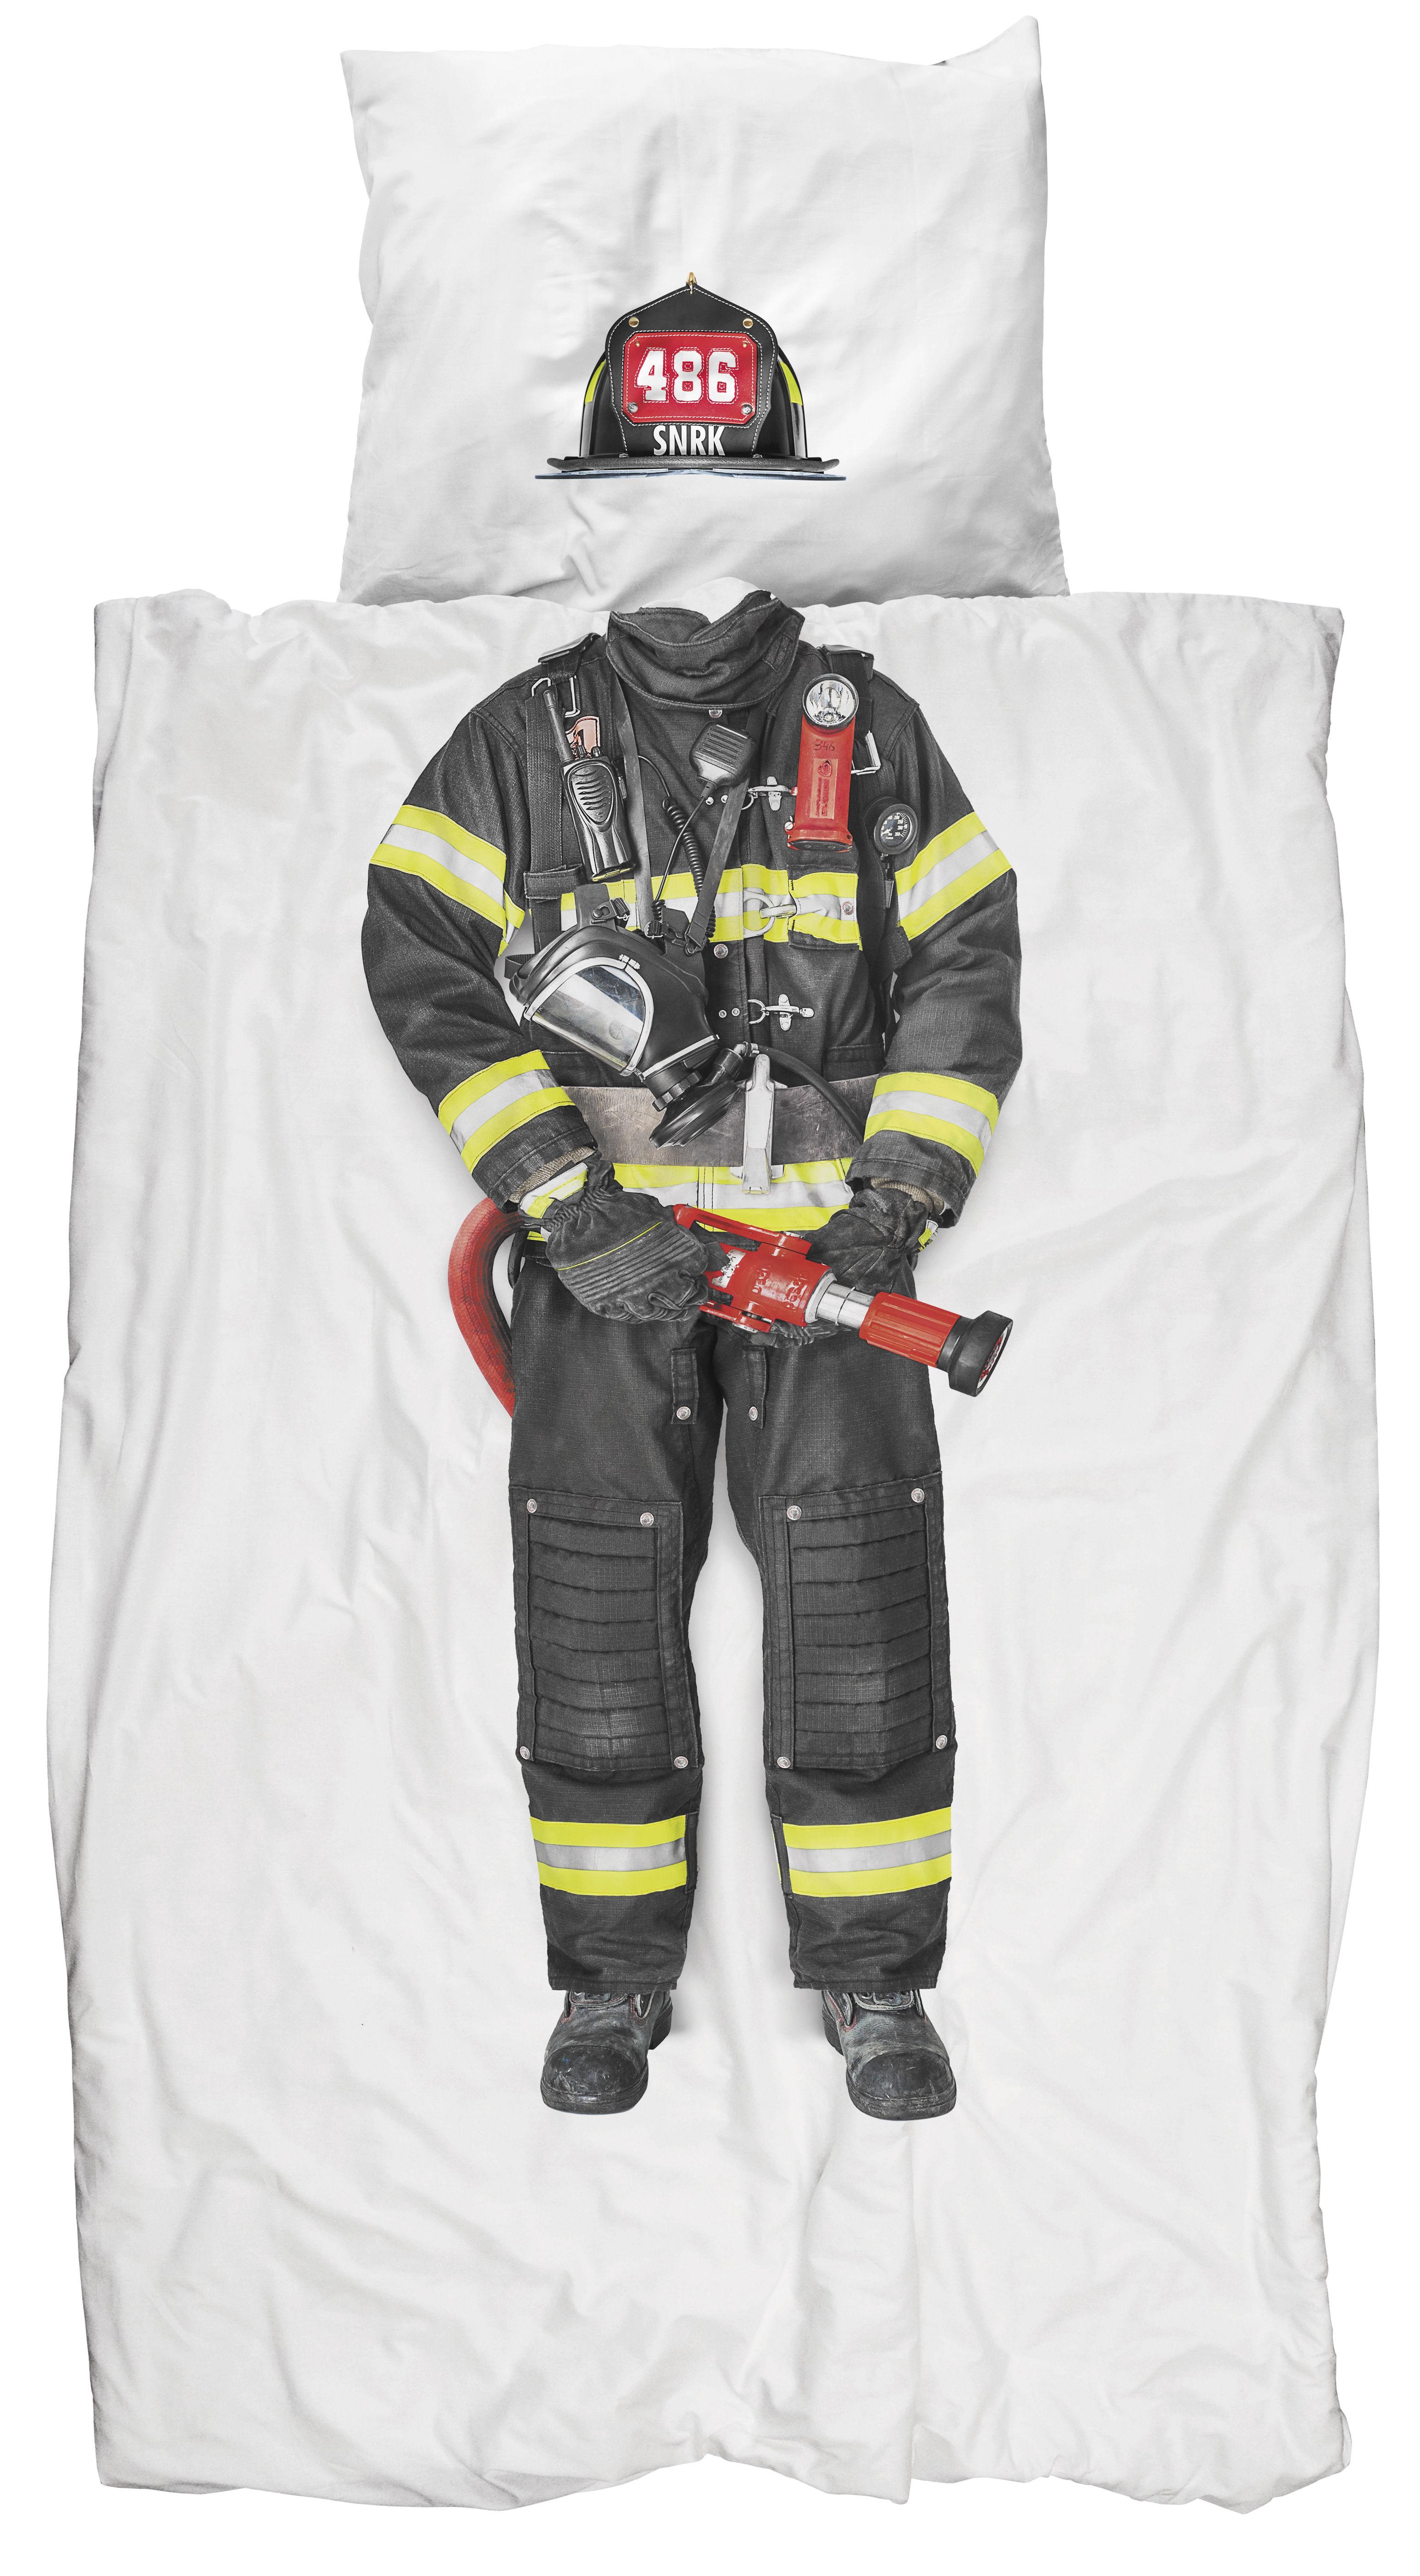 Déco - Pour les enfants - Parure de lit 1 personne Pompier / 140 x 200 cm - Snurk - Pompier - Percale de coton